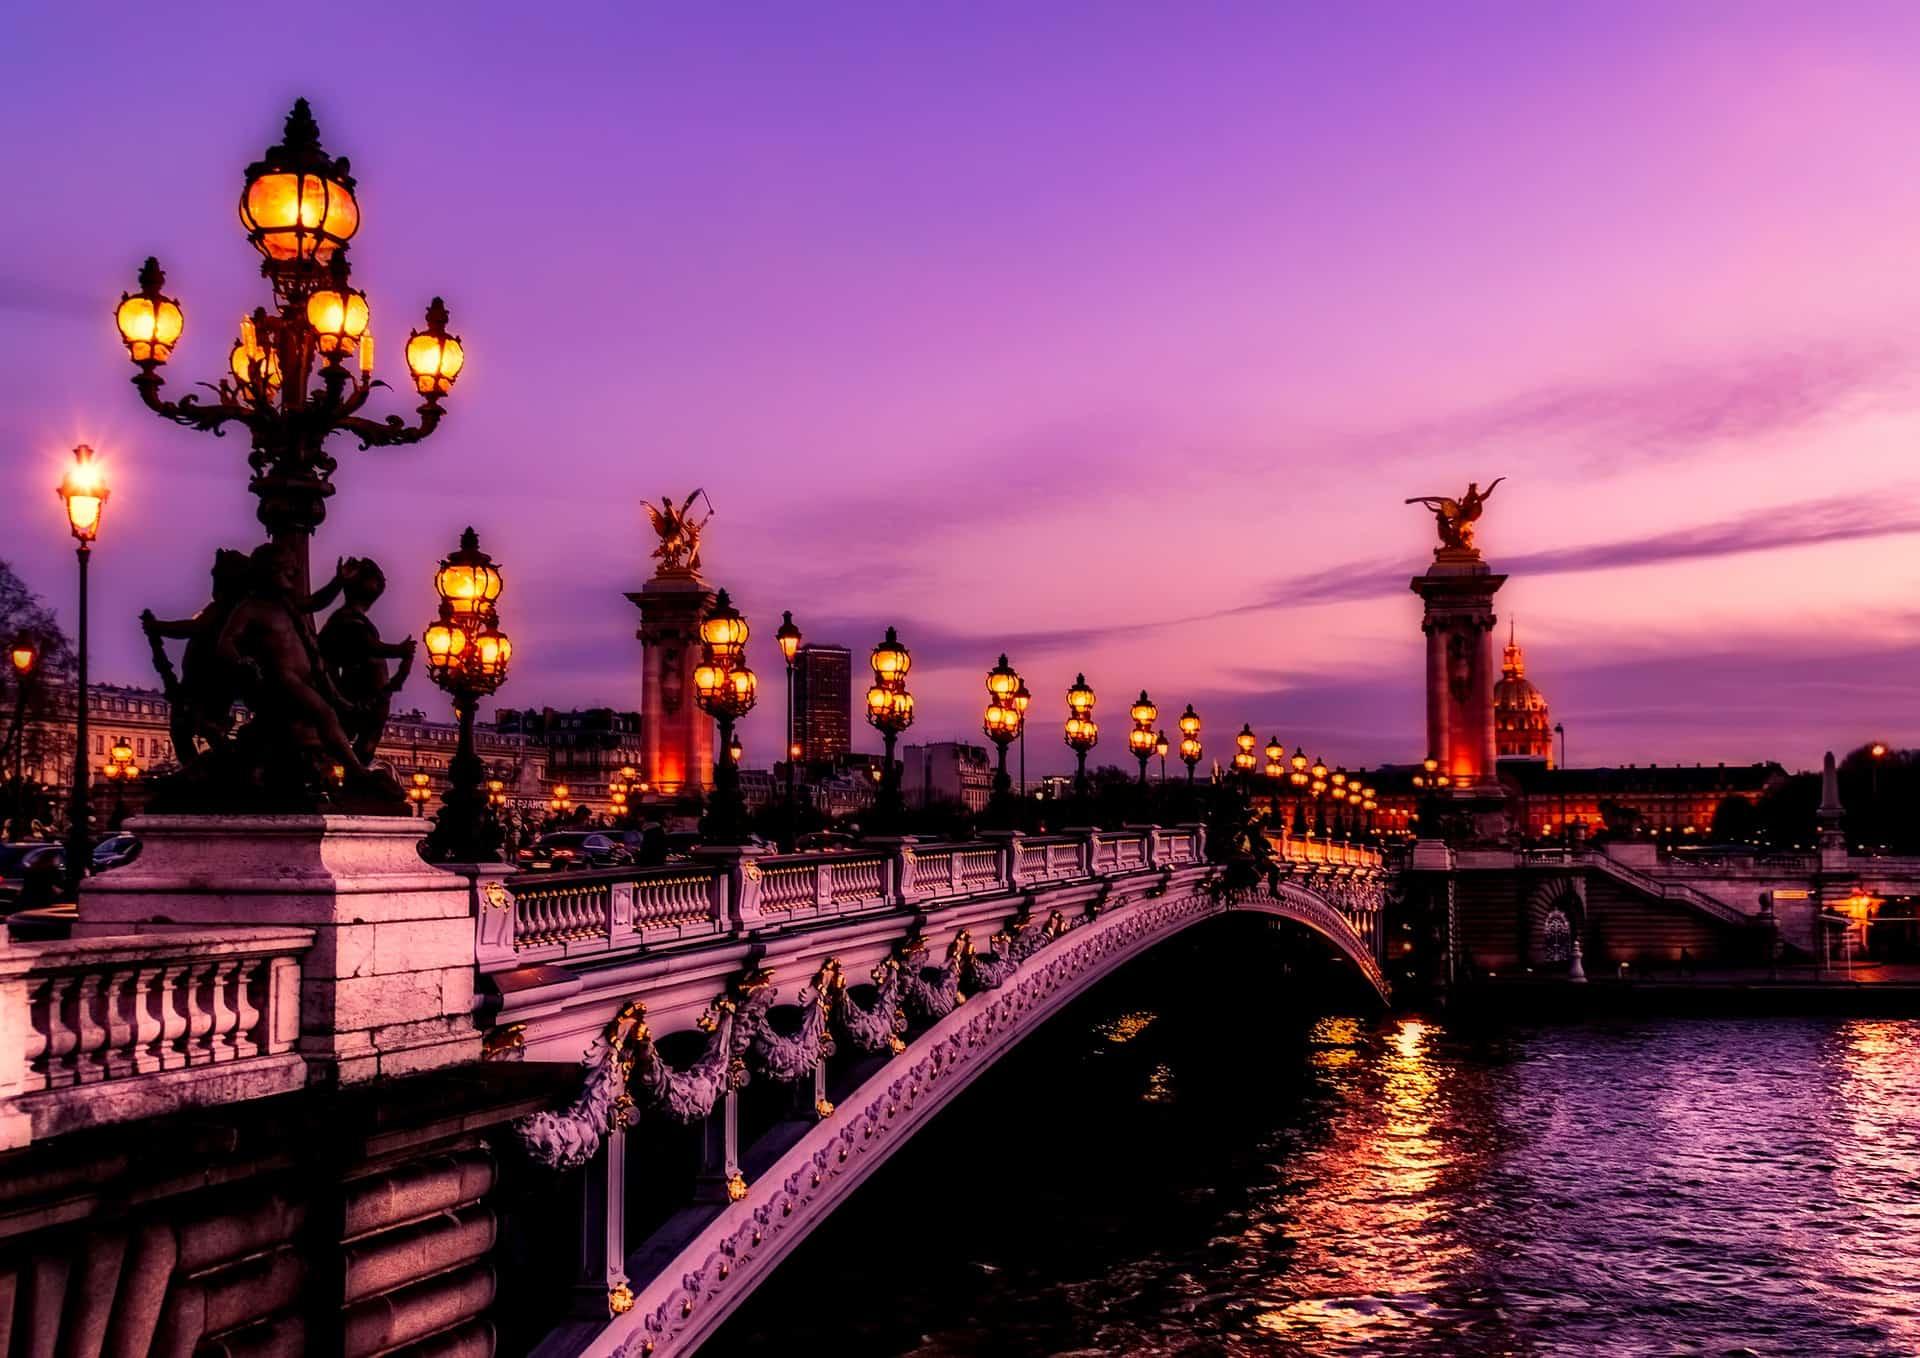 Romantischer Kurzurlaub ab 29,99€ p.P 37% Rabatt statt 95,00€